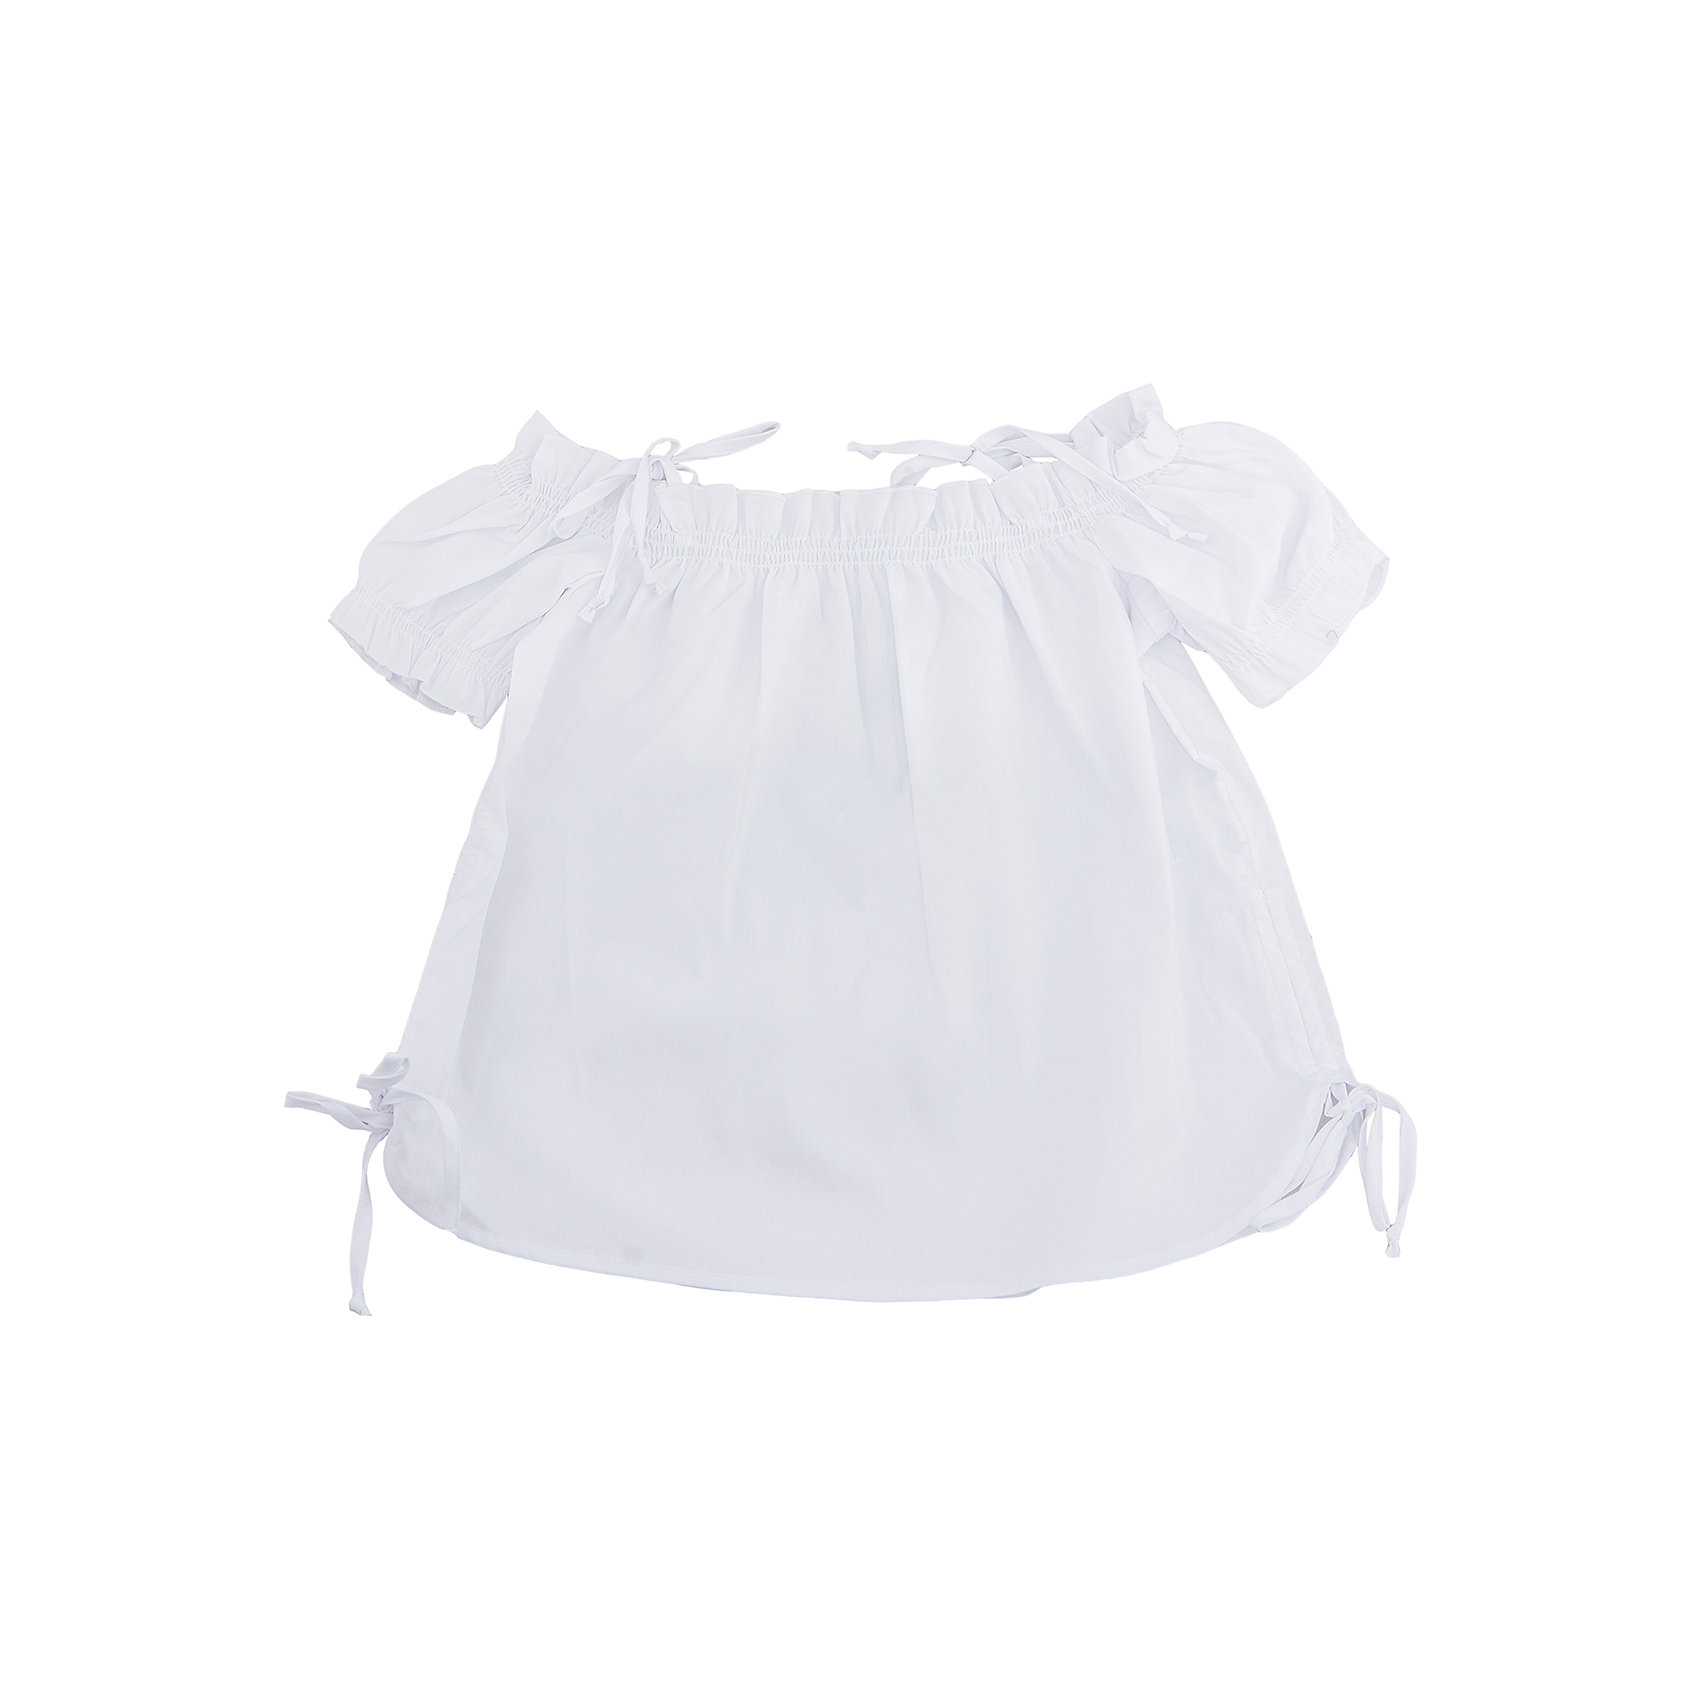 Топ для девочки ScoolФутболки, поло и топы<br>Топ из тонкой смесовой ткани будет хорошим дополнением летнего детского гардероба. Модель на бретелях и приспущенных рукавах. Горловина декорирована присборенной складкой и шнурками - кулисками на боковинах.<br>Состав:<br>68% хлопок, 28% полиэстер, 4% эластан<br><br>Ширина мм: 199<br>Глубина мм: 10<br>Высота мм: 161<br>Вес г: 151<br>Цвет: белый<br>Возраст от месяцев: 156<br>Возраст до месяцев: 168<br>Пол: Женский<br>Возраст: Детский<br>Размер: 164,134,140,146,152,158<br>SKU: 5604132